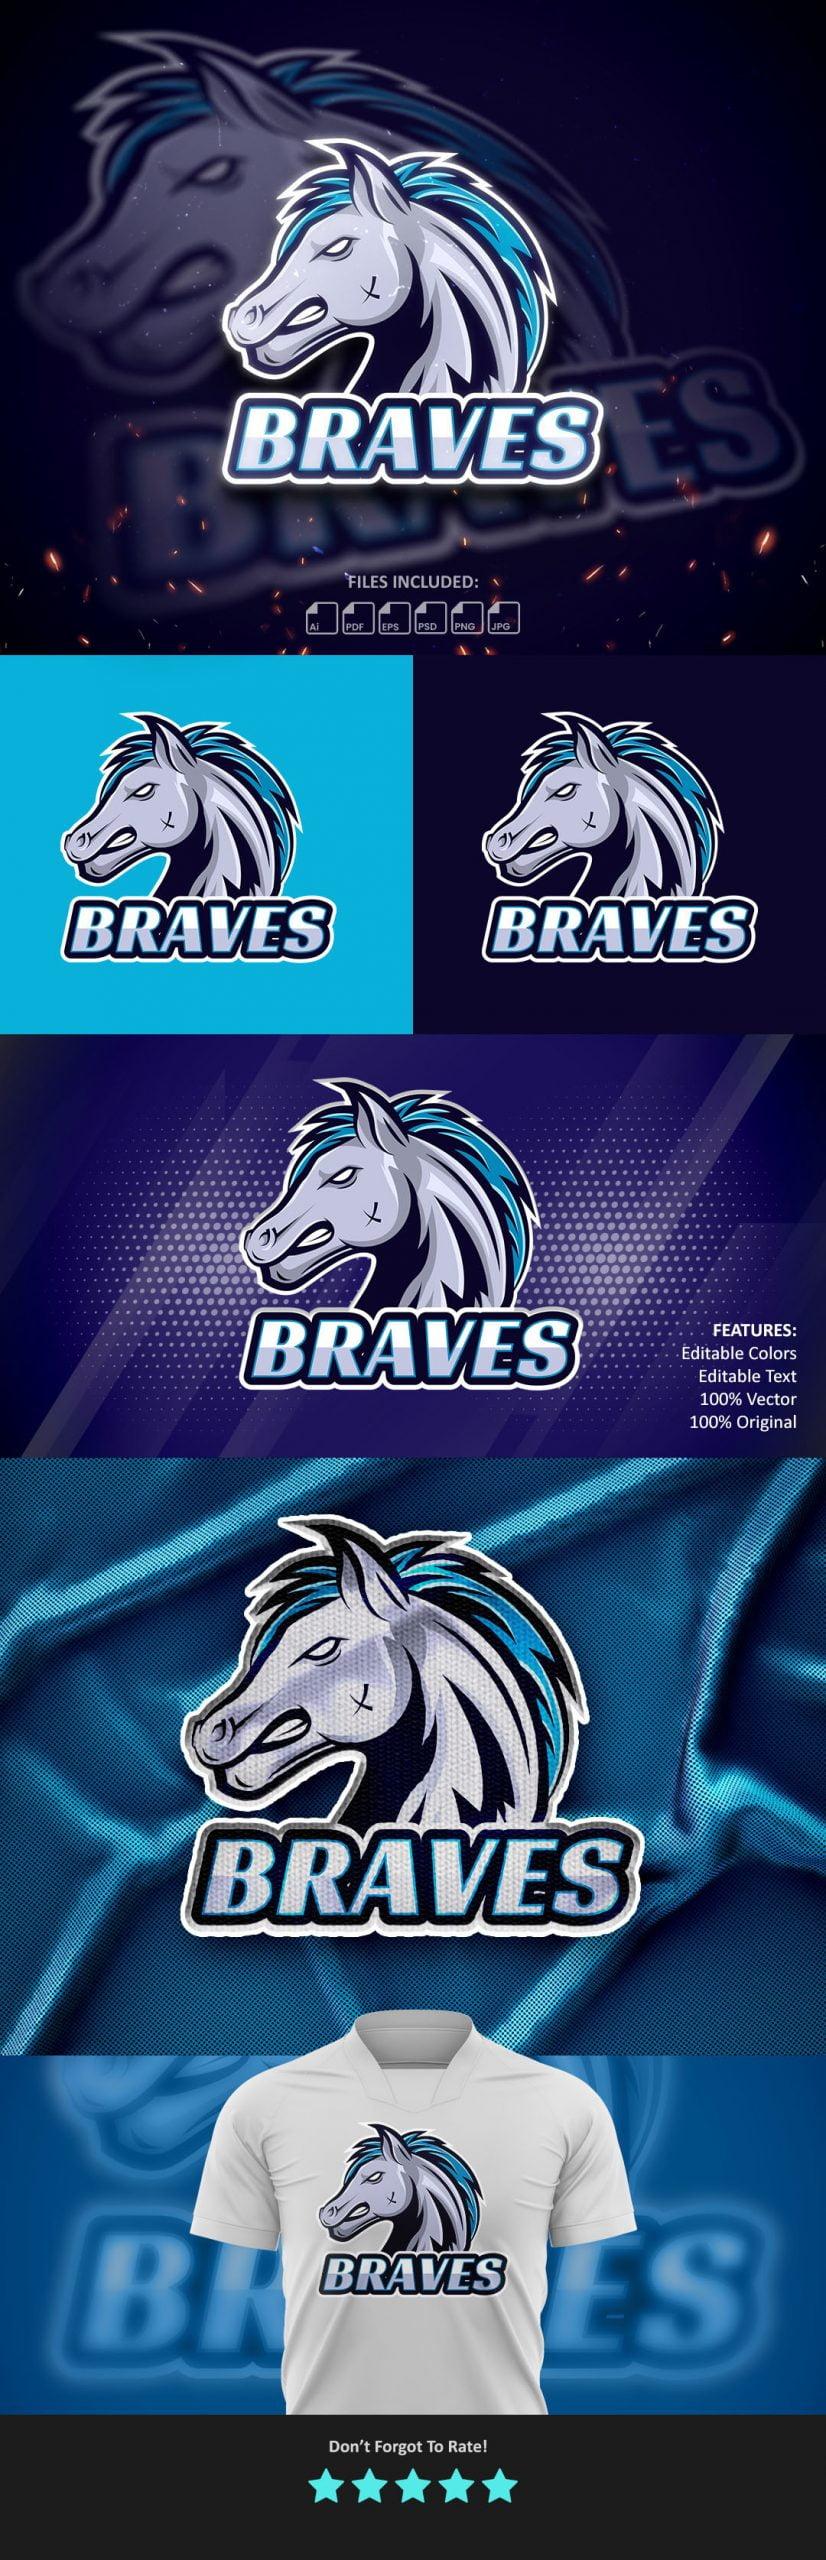 Mascot-Logo-Preview-Generator